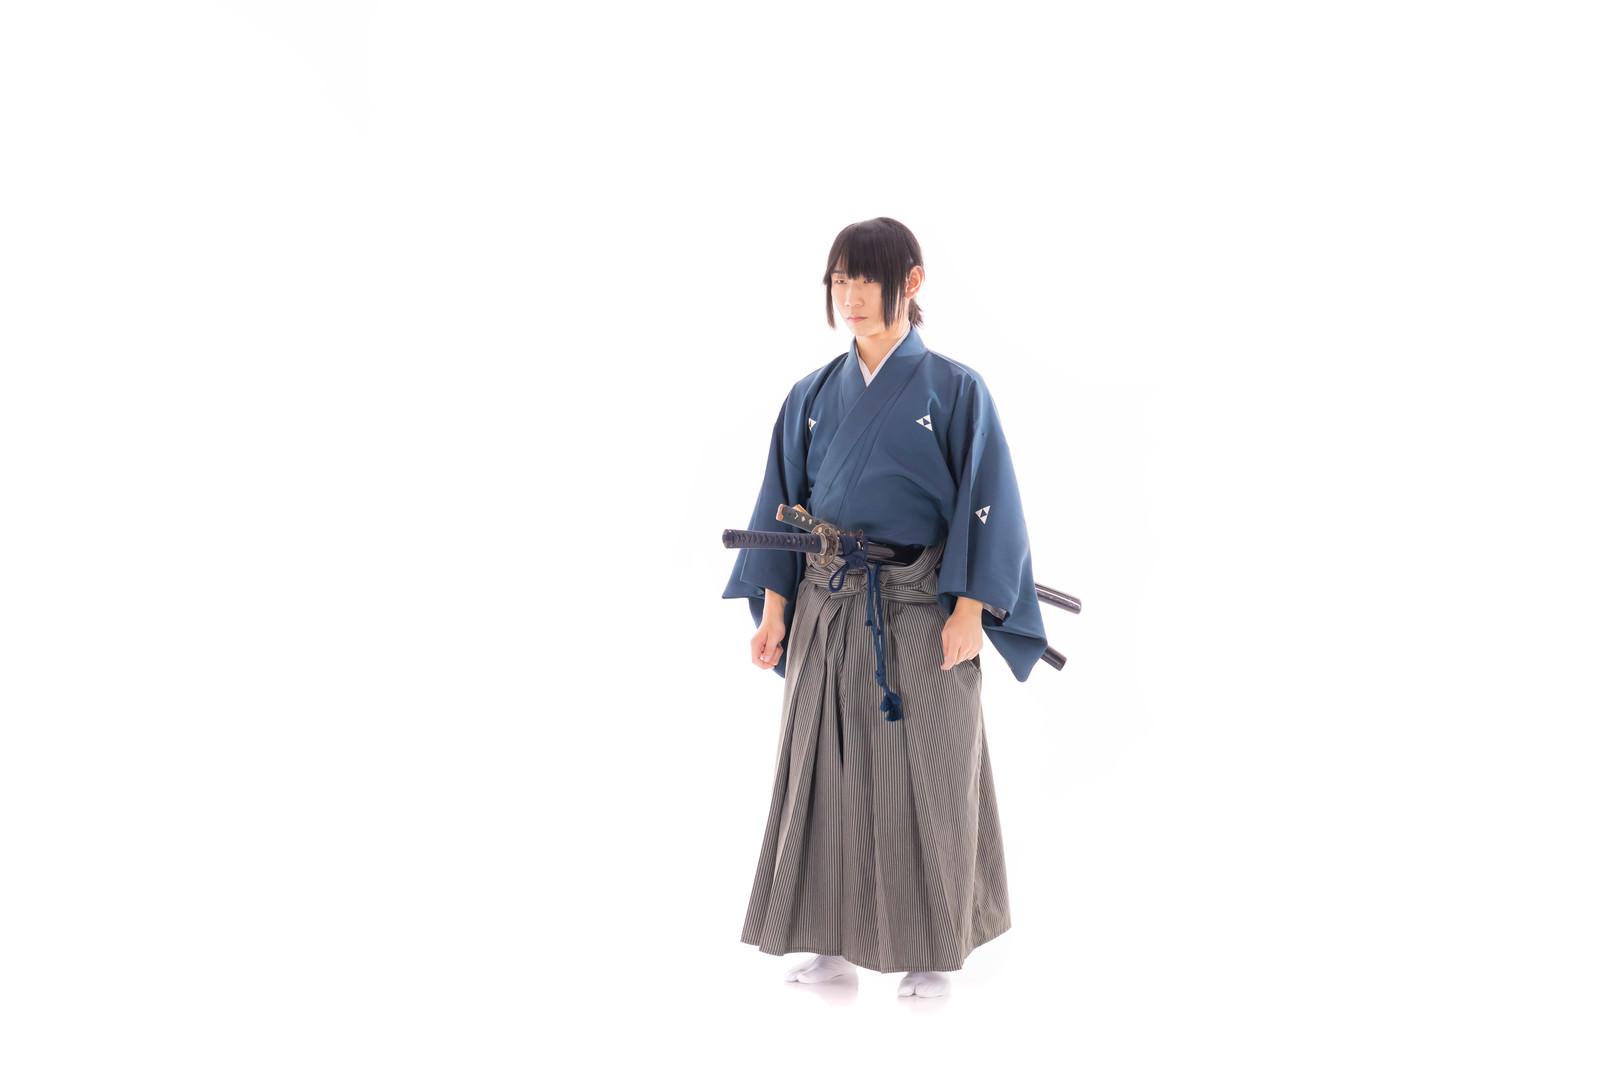 「帯刀した紋付袴姿の男性」の写真[モデル:まーこ]